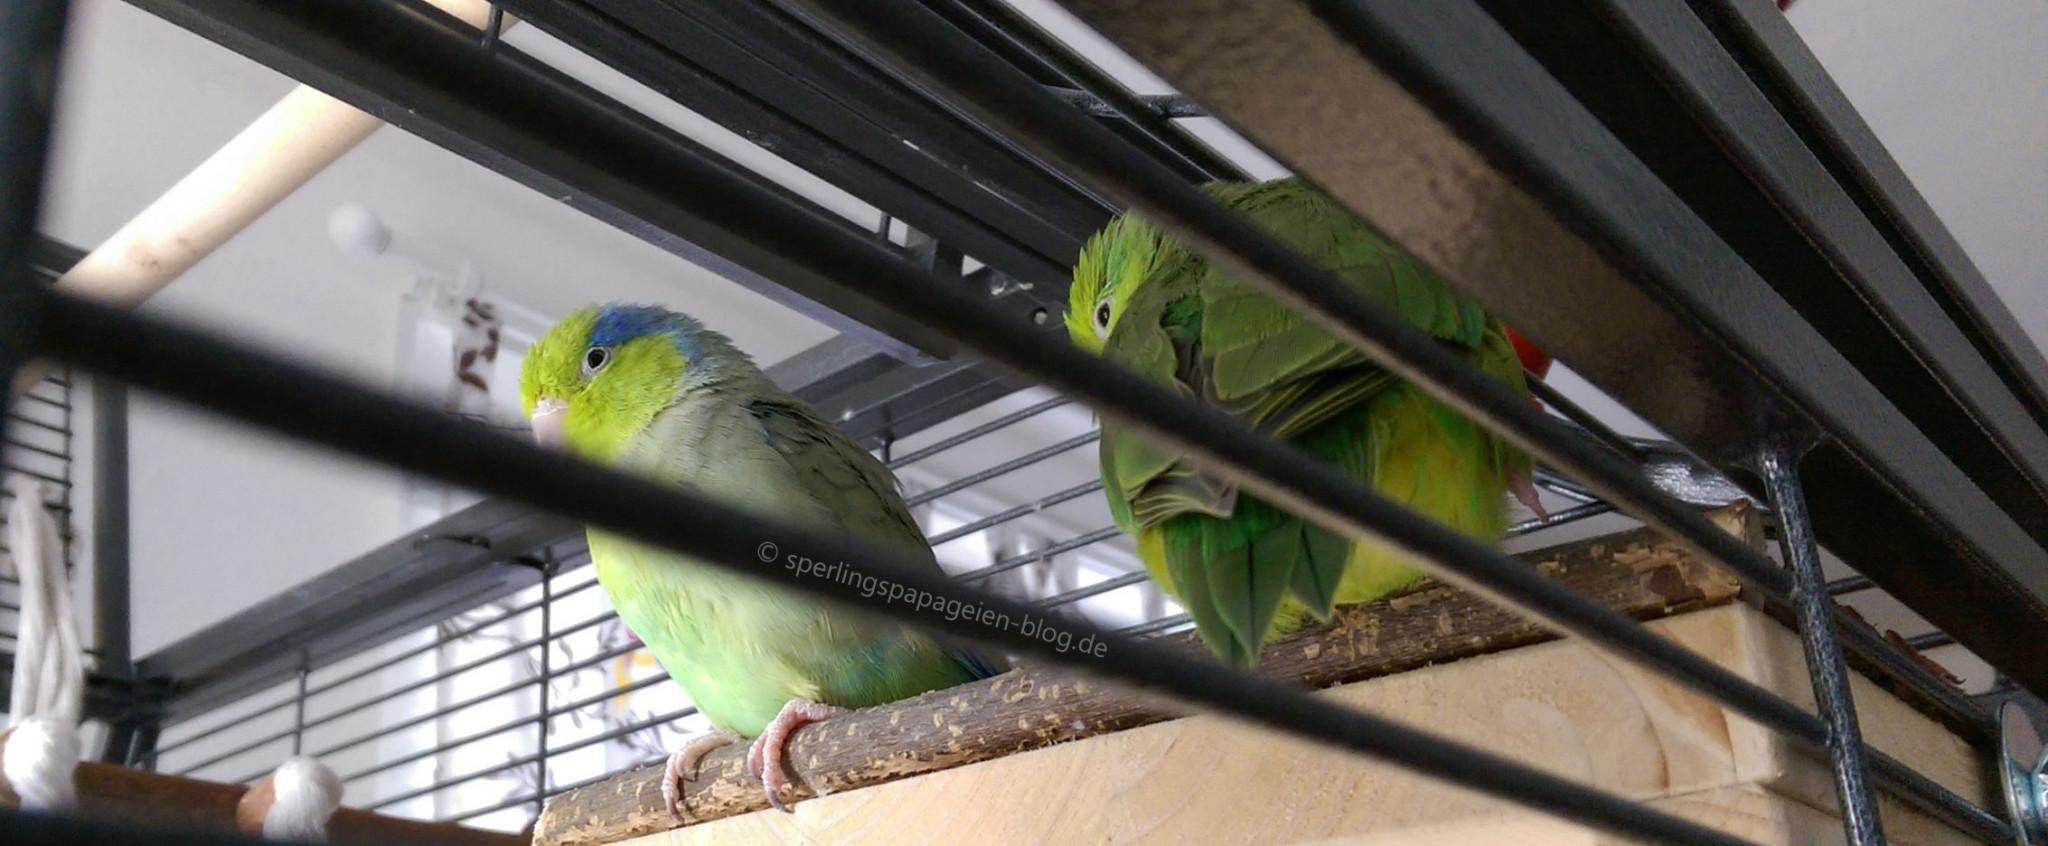 Zwei Sperlingspapageien, die in ihrem Käfig sitzen und entspannen